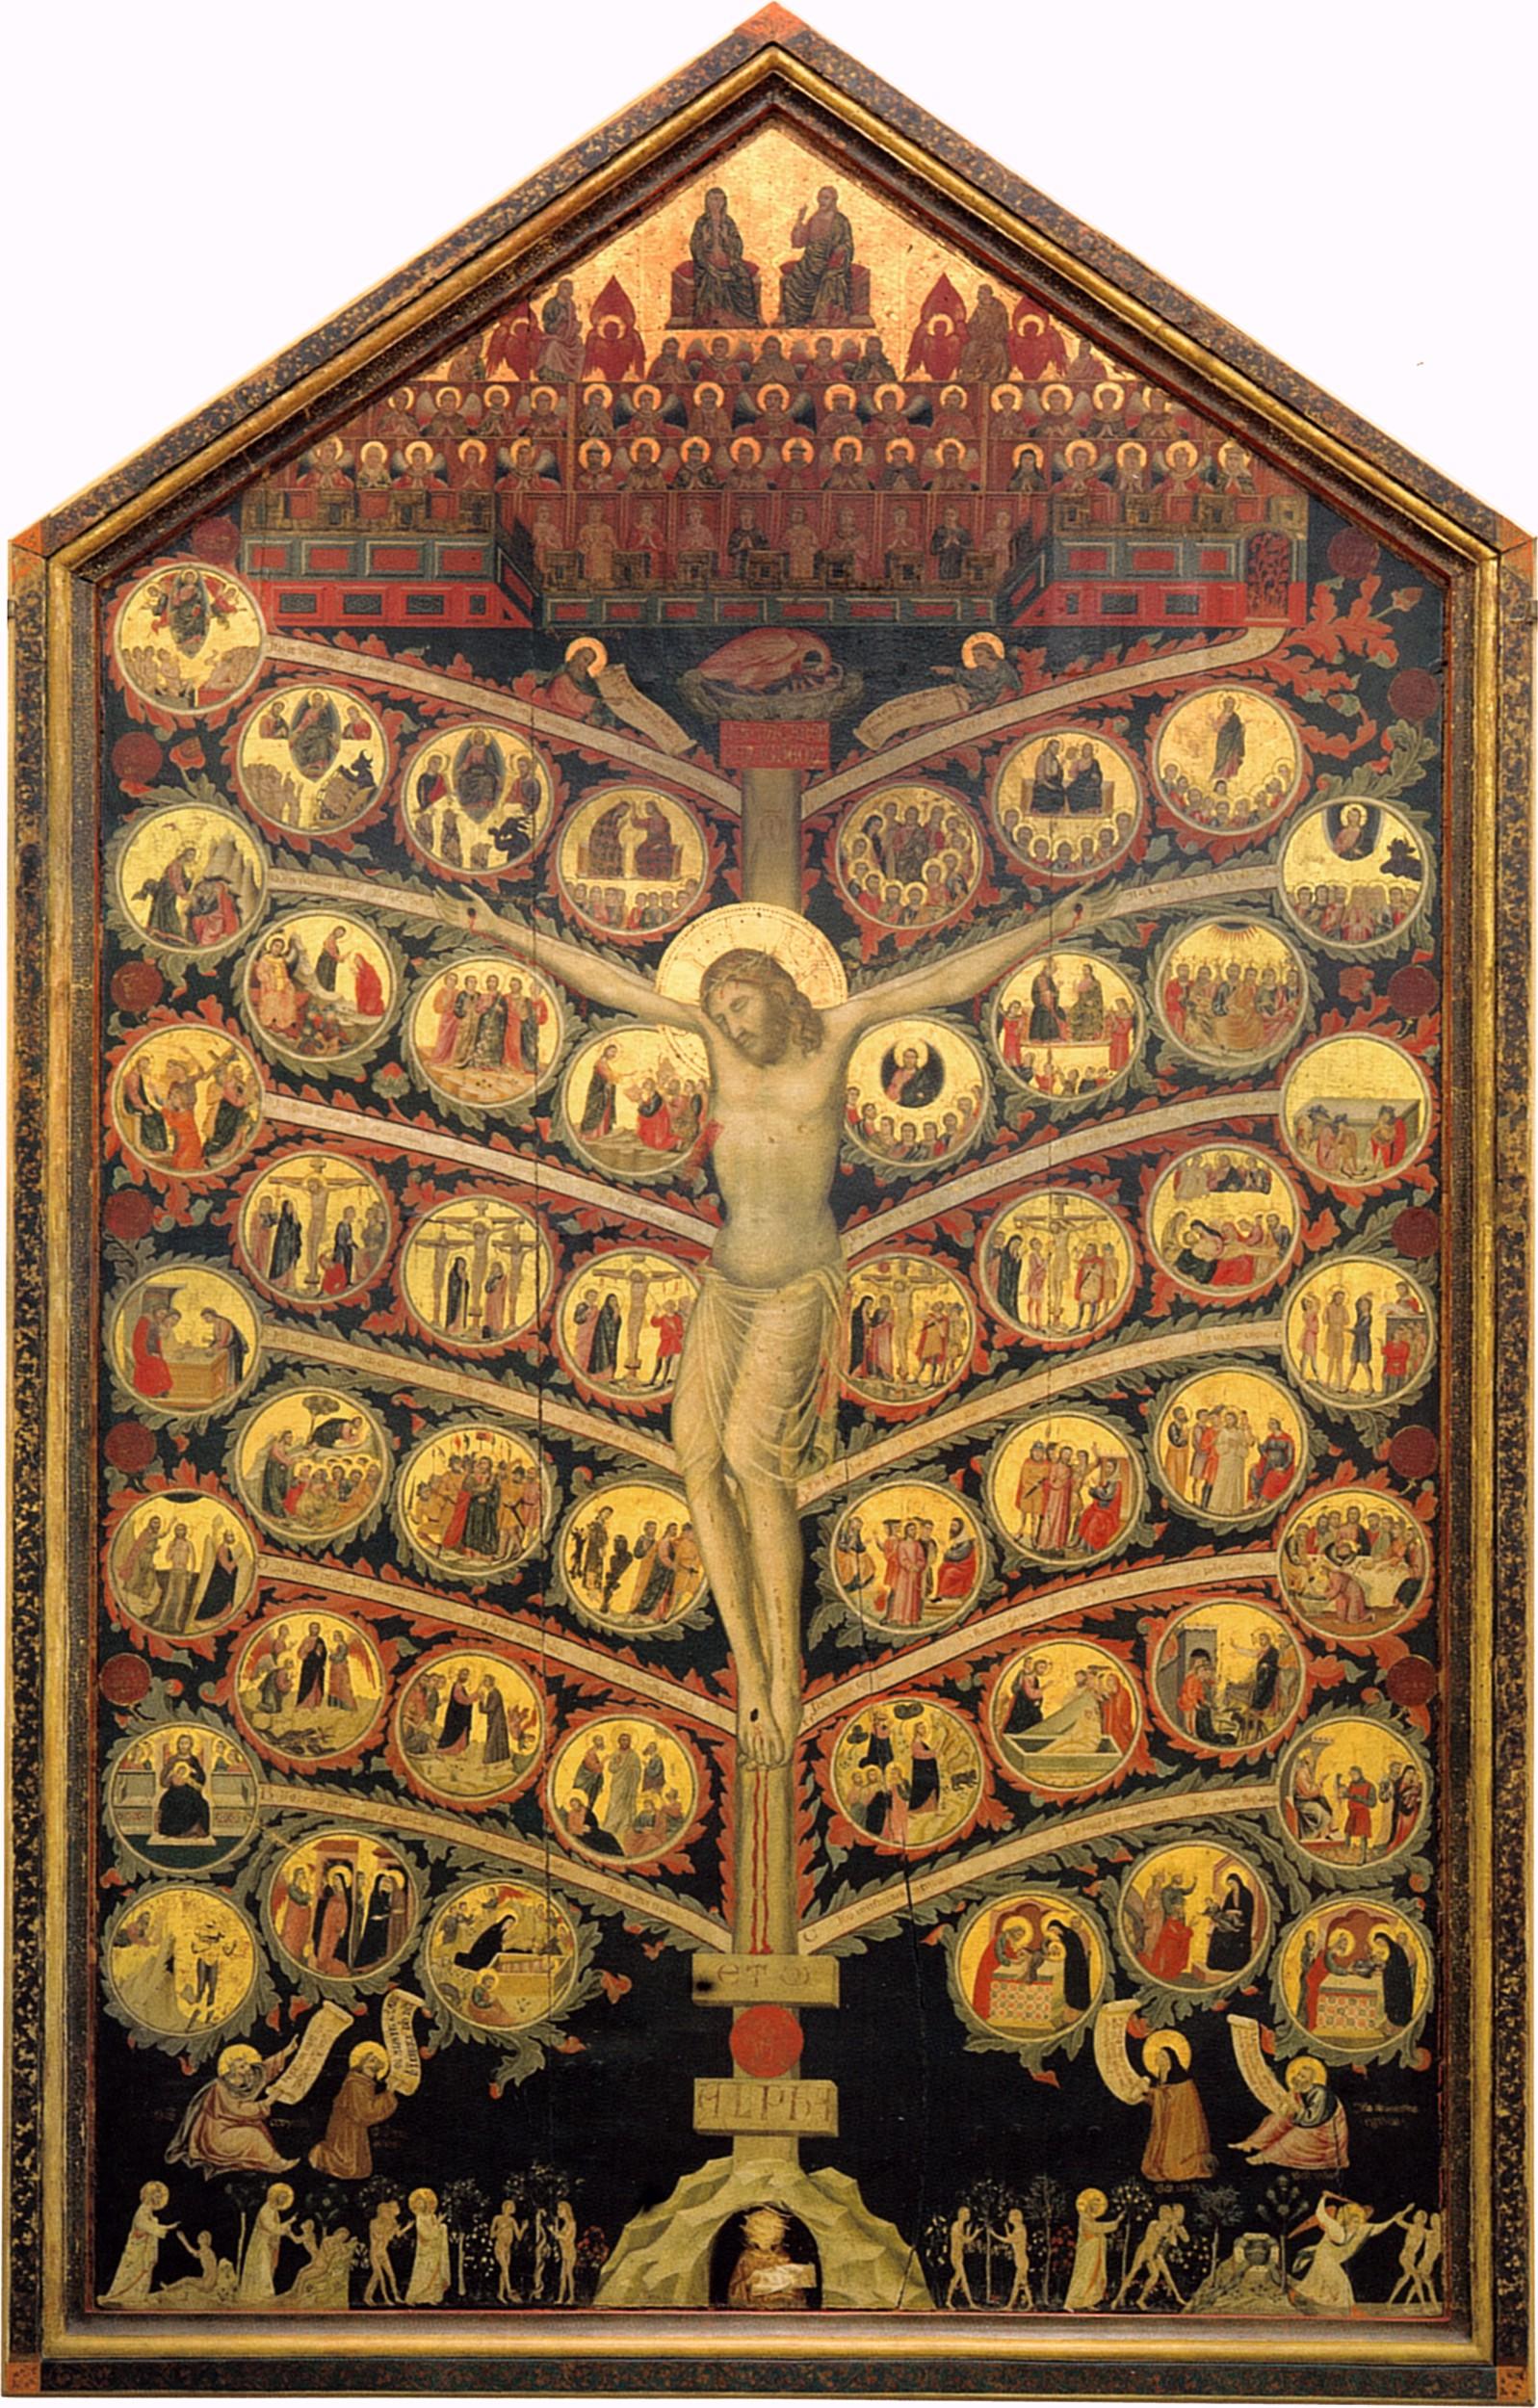 1310-15 Pacino di Bonaguida LVItae Acc Fi WM - copie